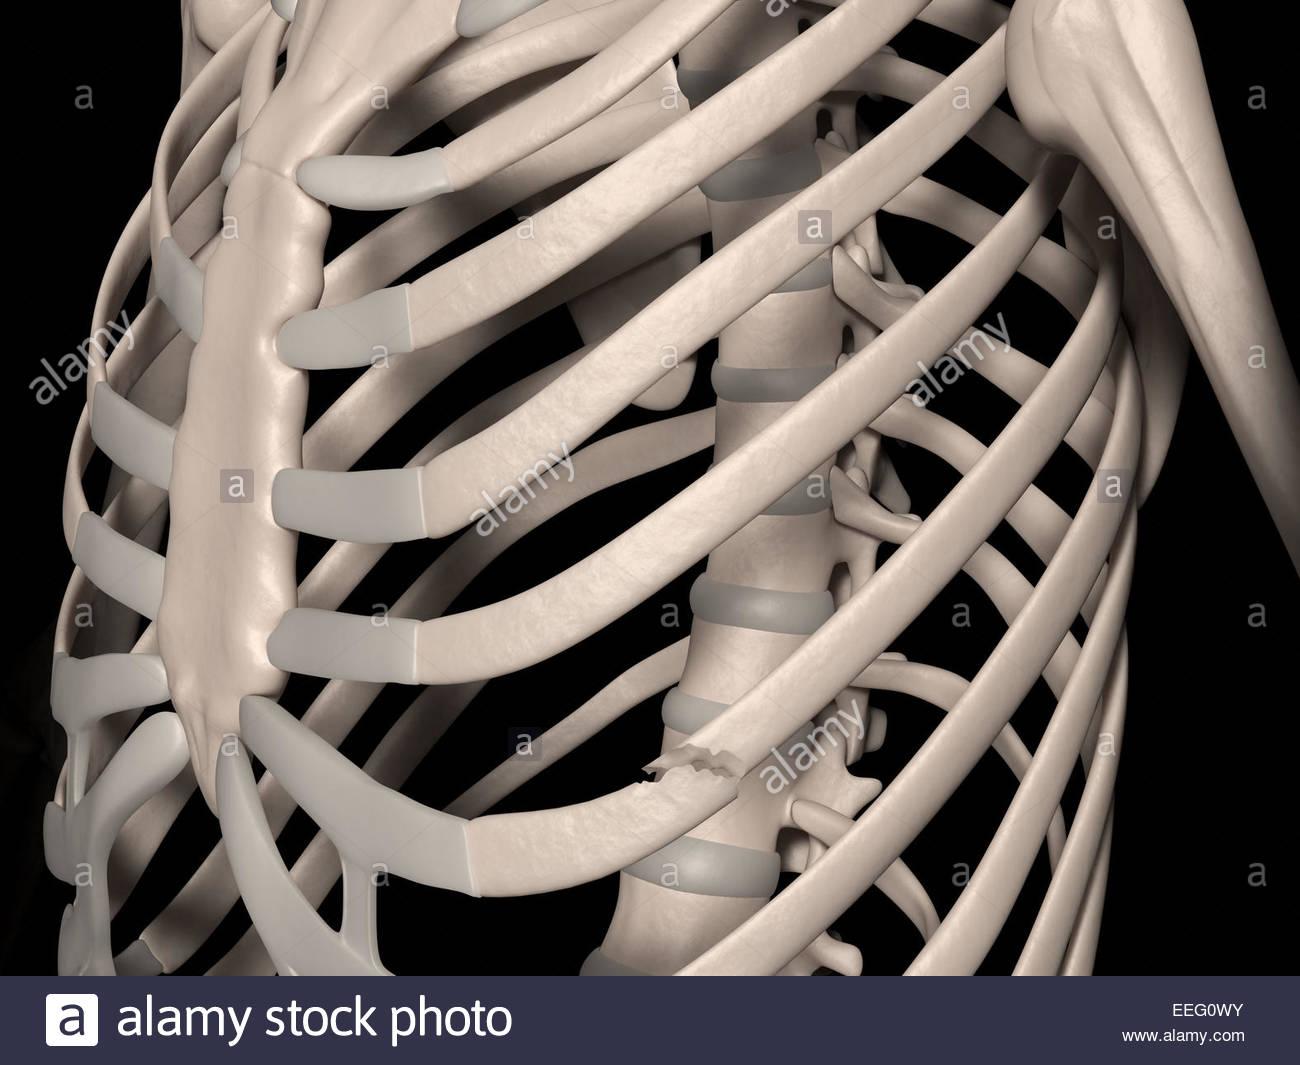 Medico digitale illustrazione raffigurante una frattura della sesta costola (vero costola e nervatura vertebrosternal, Immagini Stock